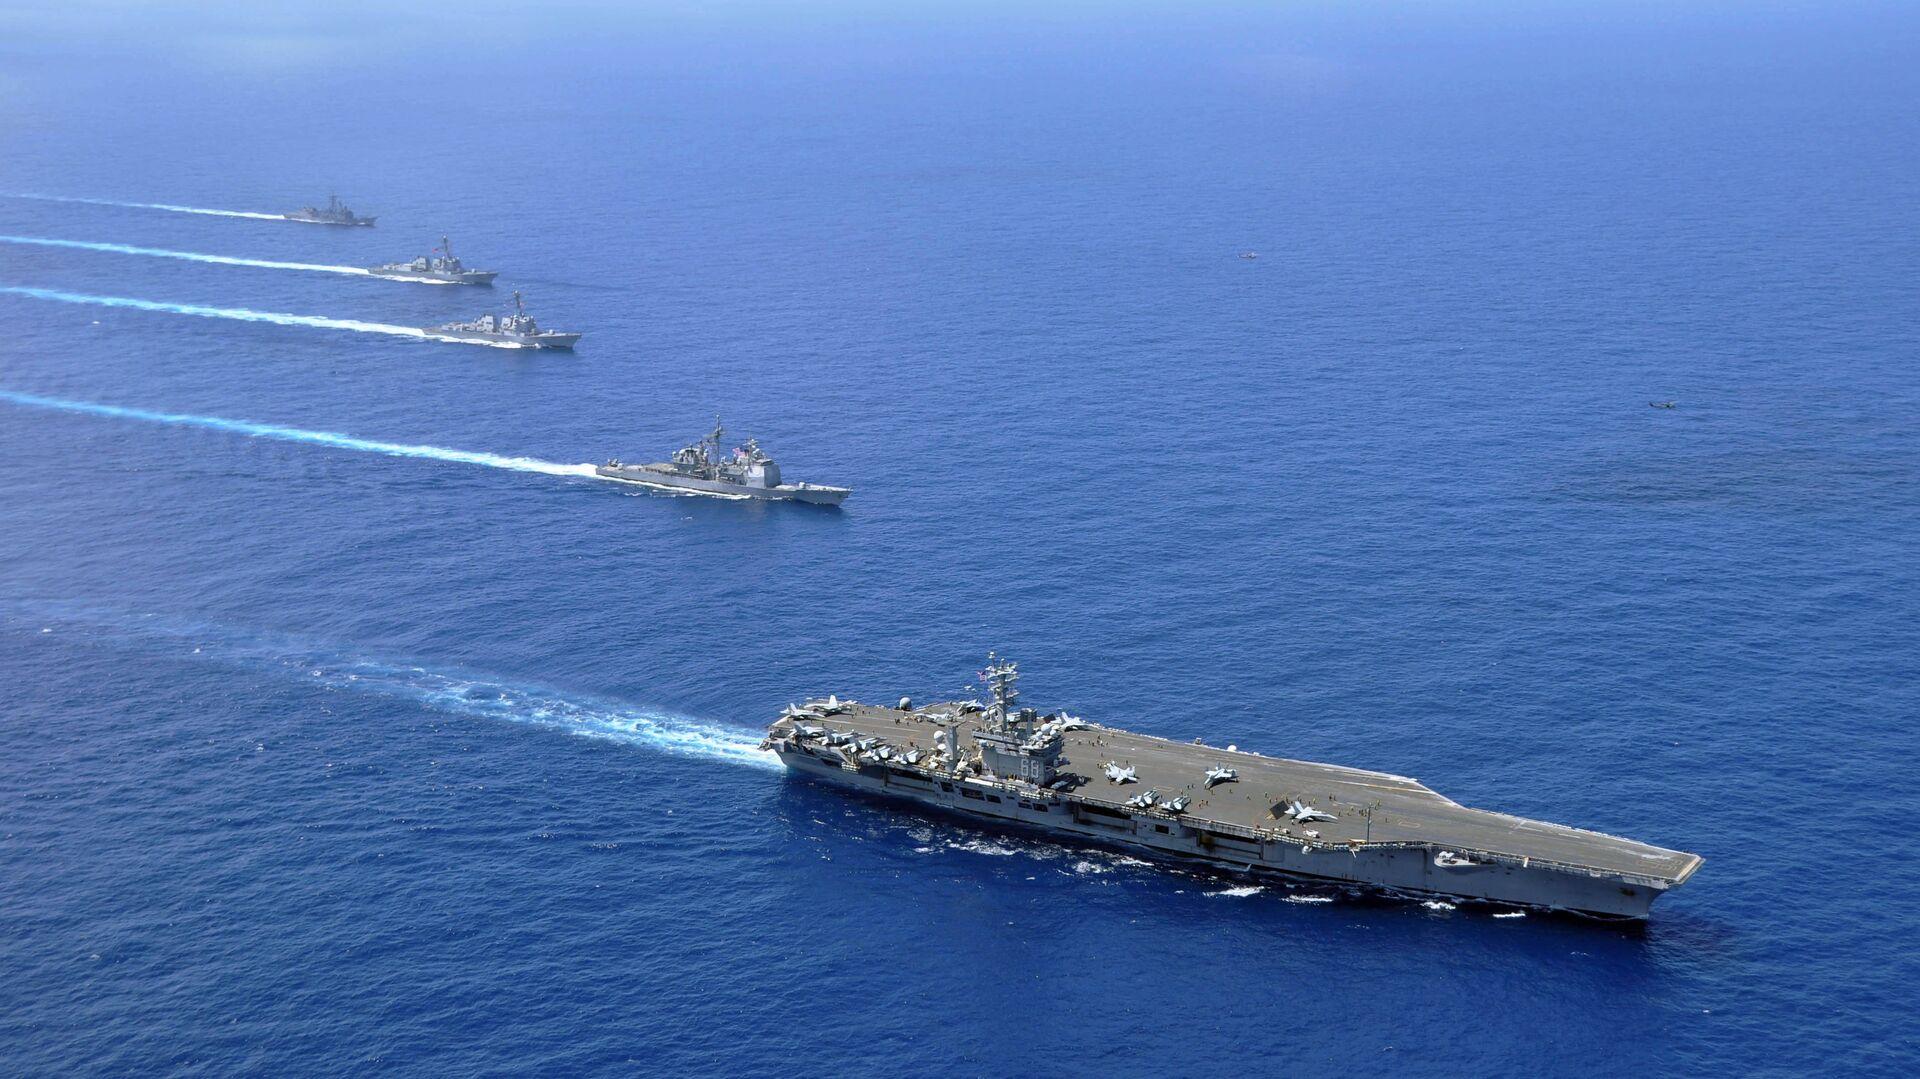 Авианосная группа 7-го флота ВМС США в Южно-Китайском море - РИА Новости, 1920, 26.09.2020